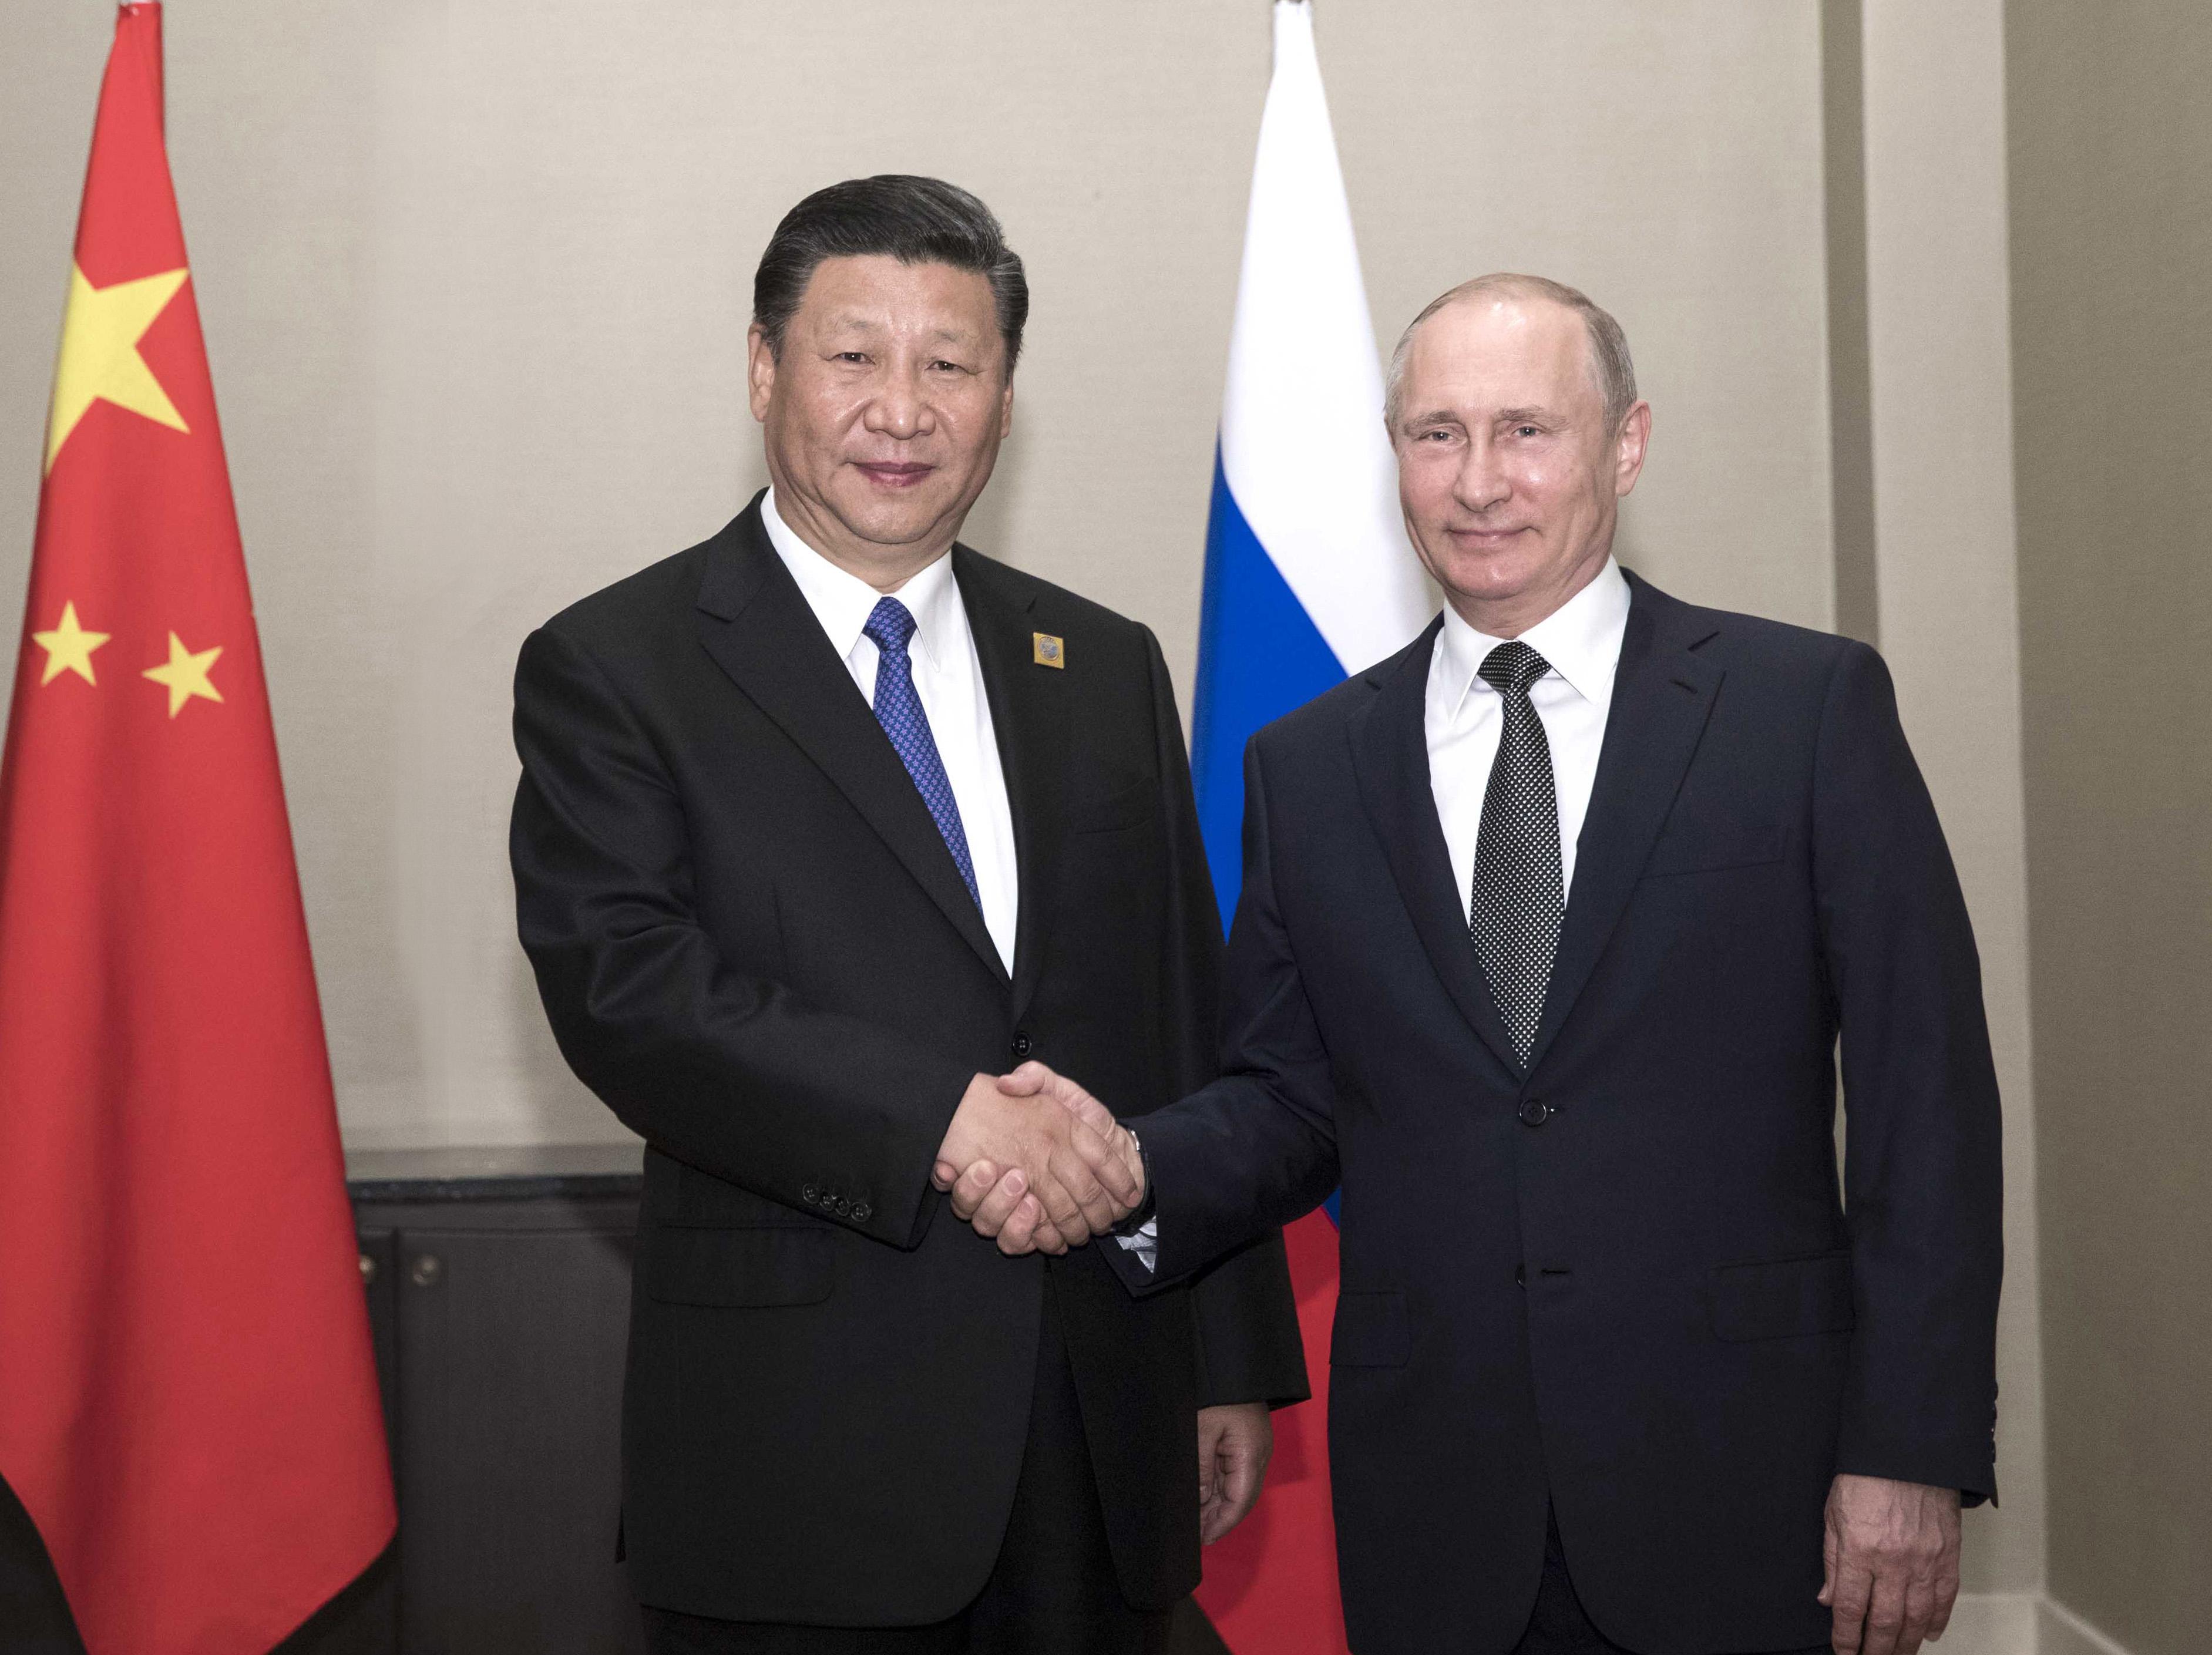 Xi, Putin meet on bilateral ties, SCO development